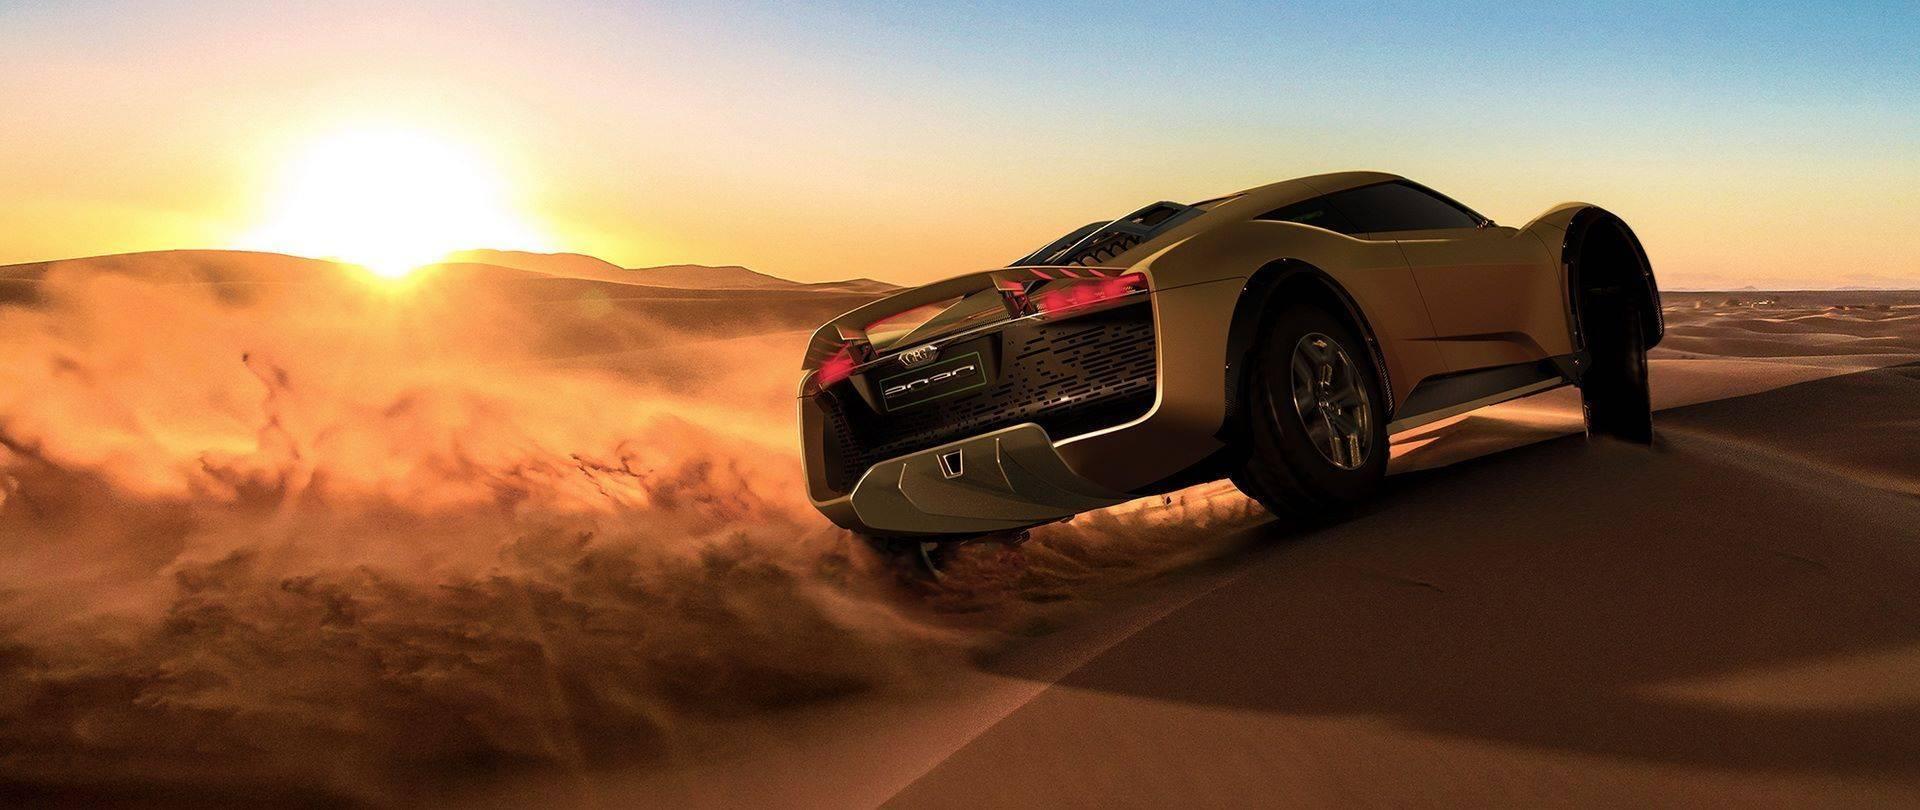 gfg-style-vision-2030-desert-raid-18